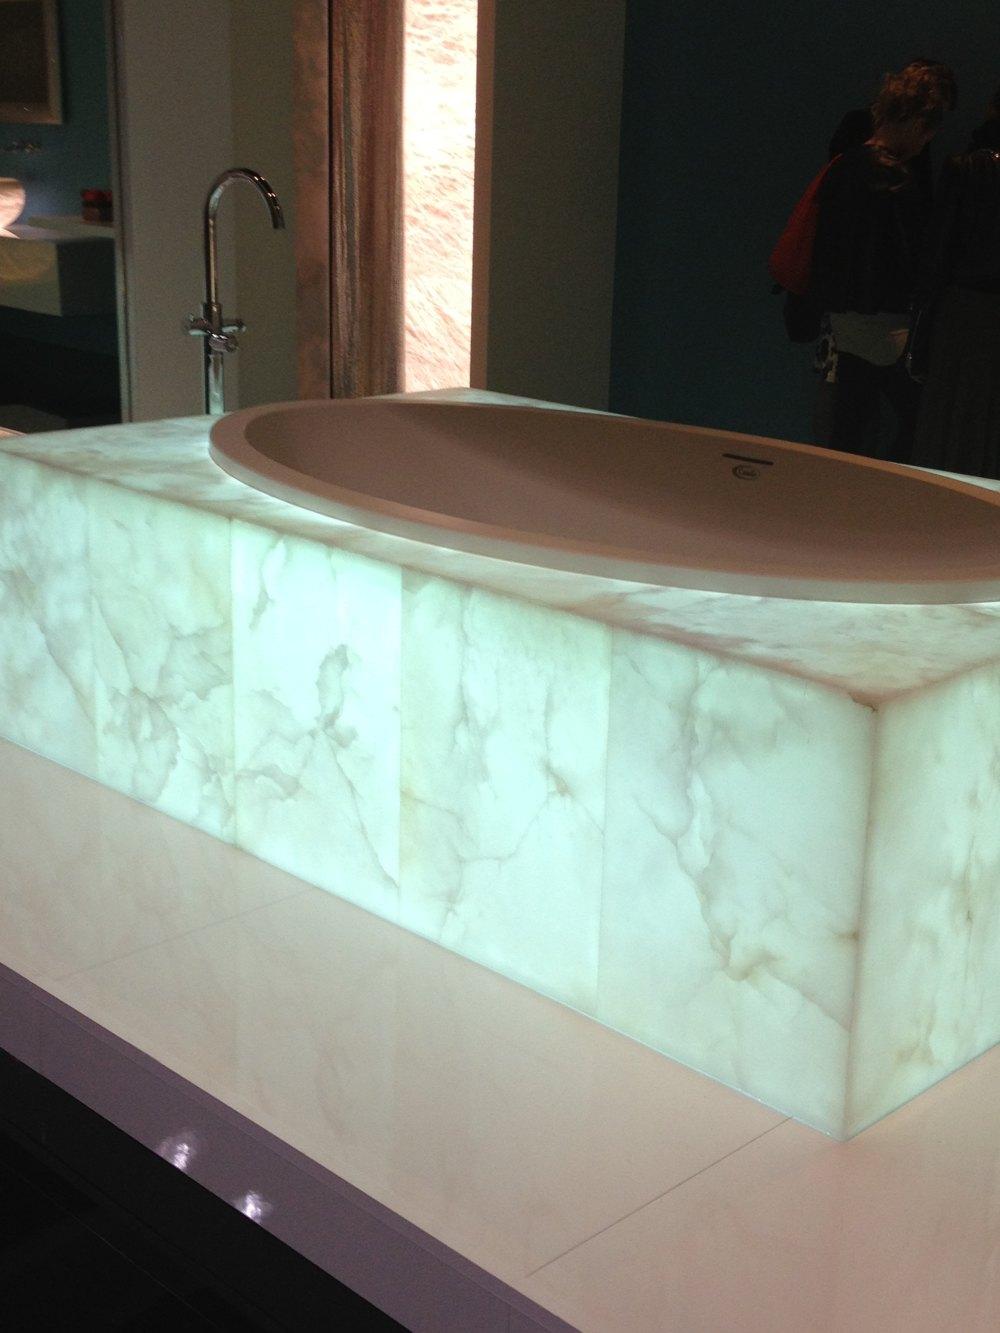 可发光变色的浴缸(照明应用).JPG